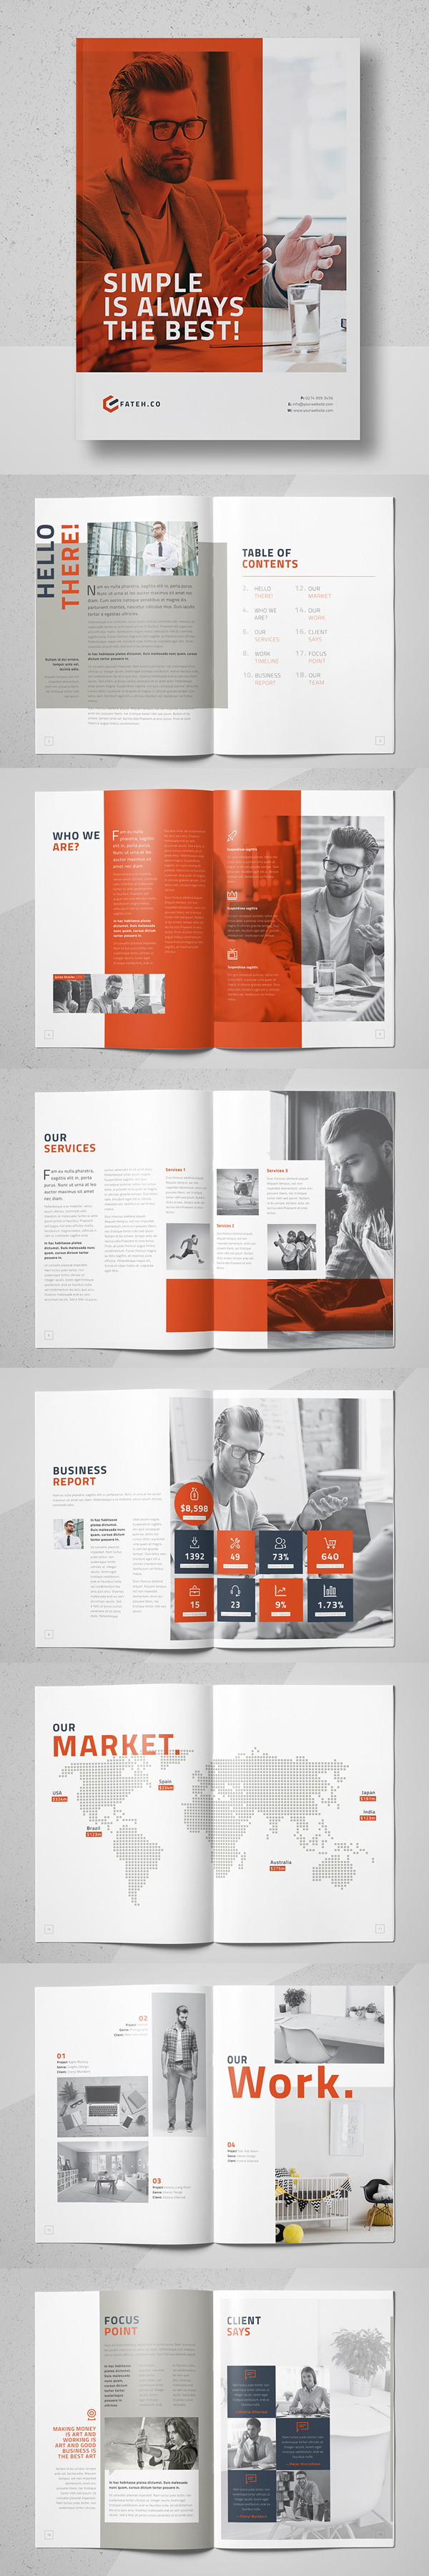 016 brochure design